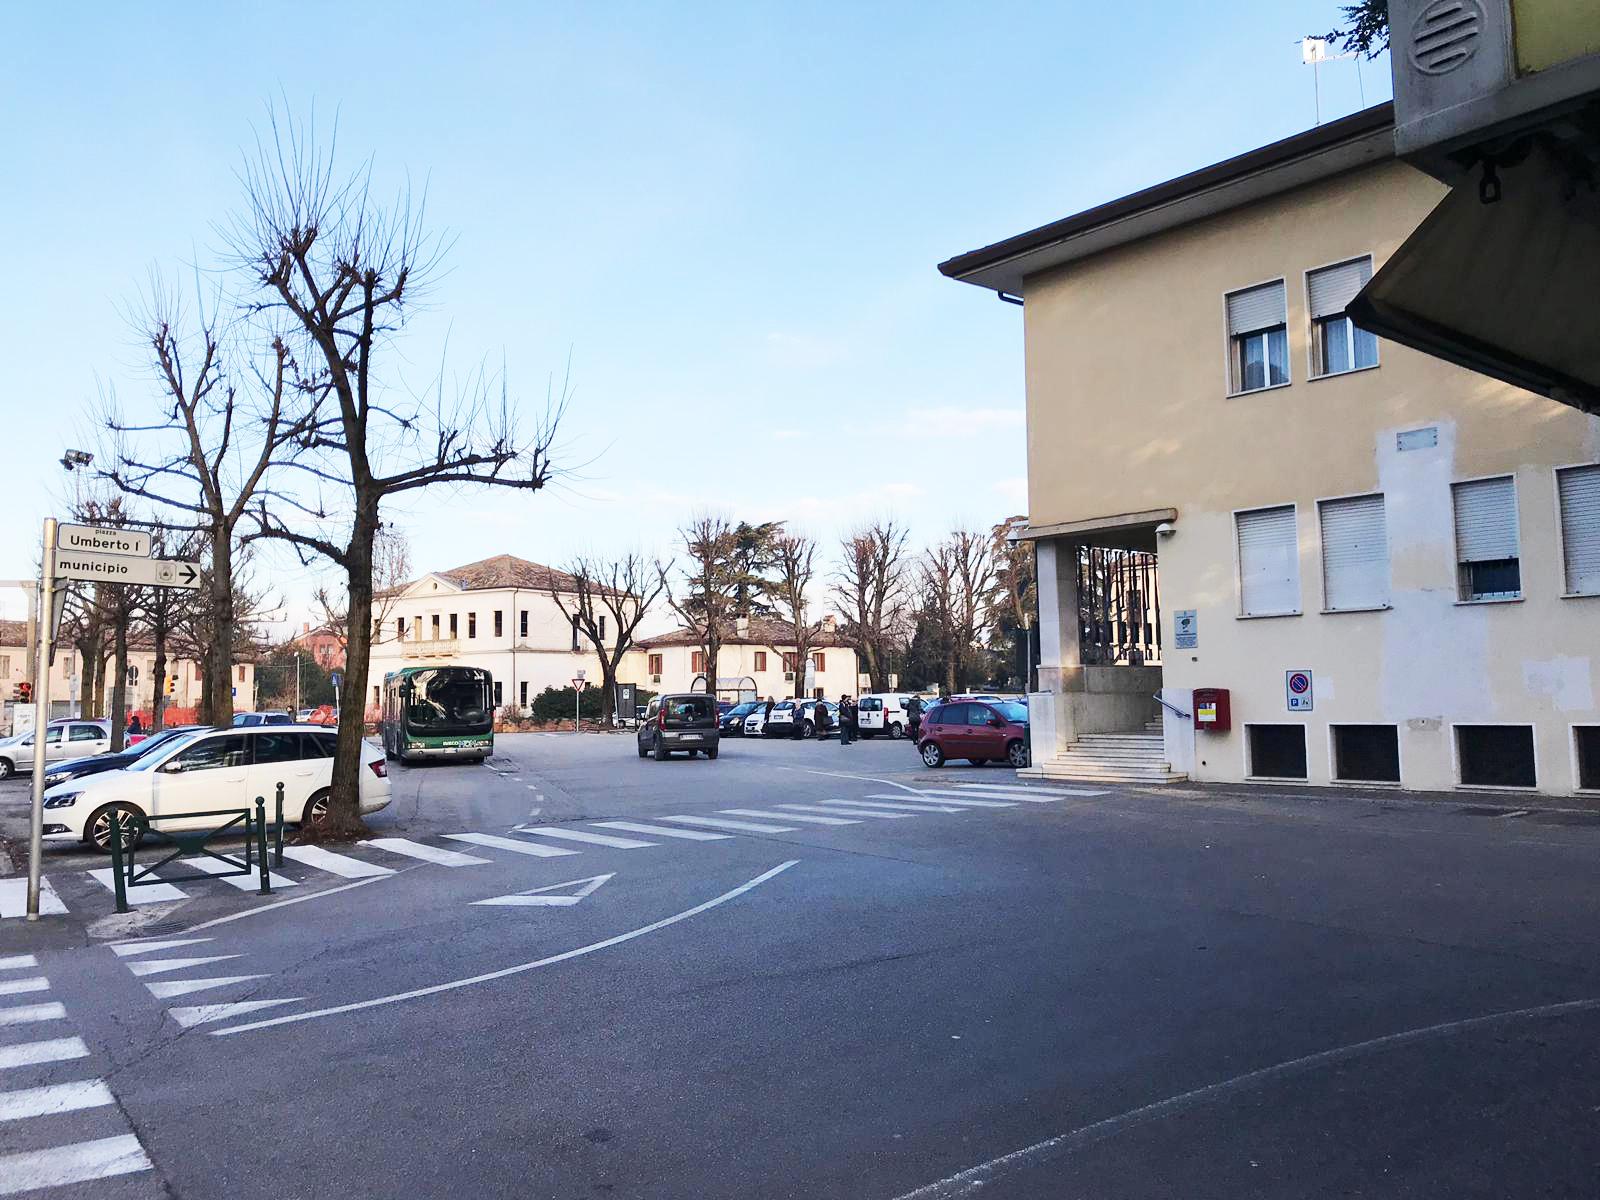 Bar in Affitto Villorba - Studio Architetto Zanatta 08